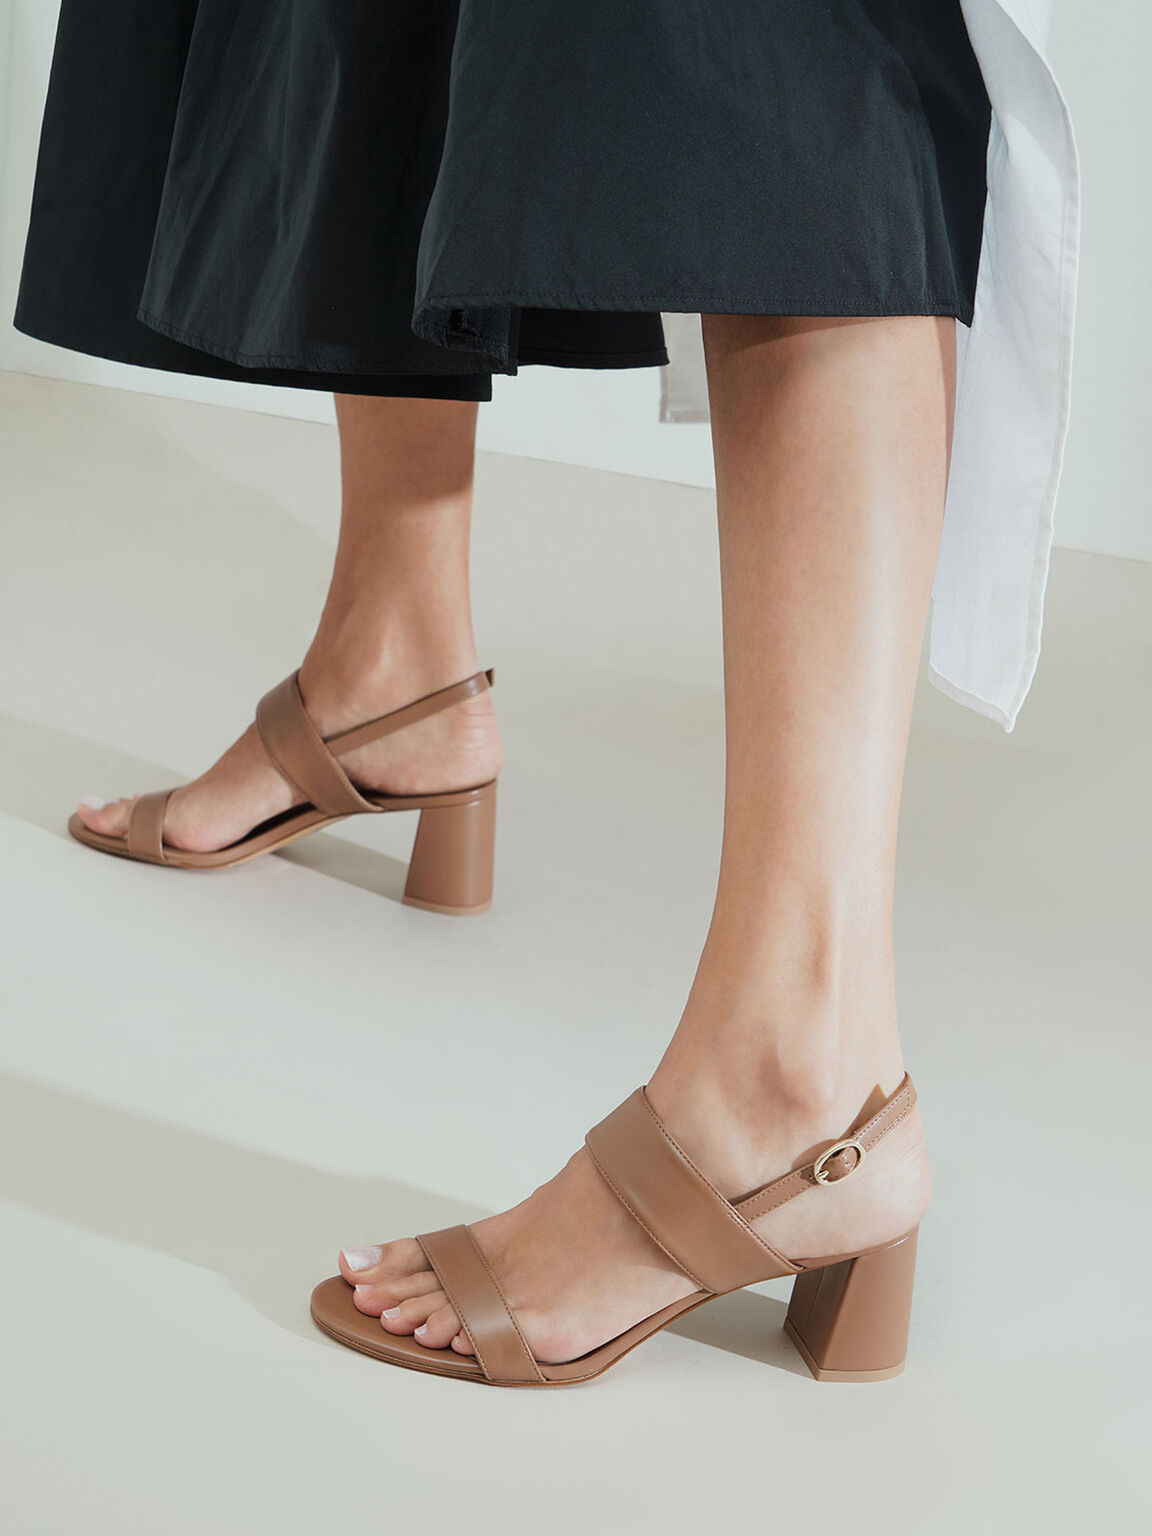 Slingback Heeled Sandals, Brown, hi-res